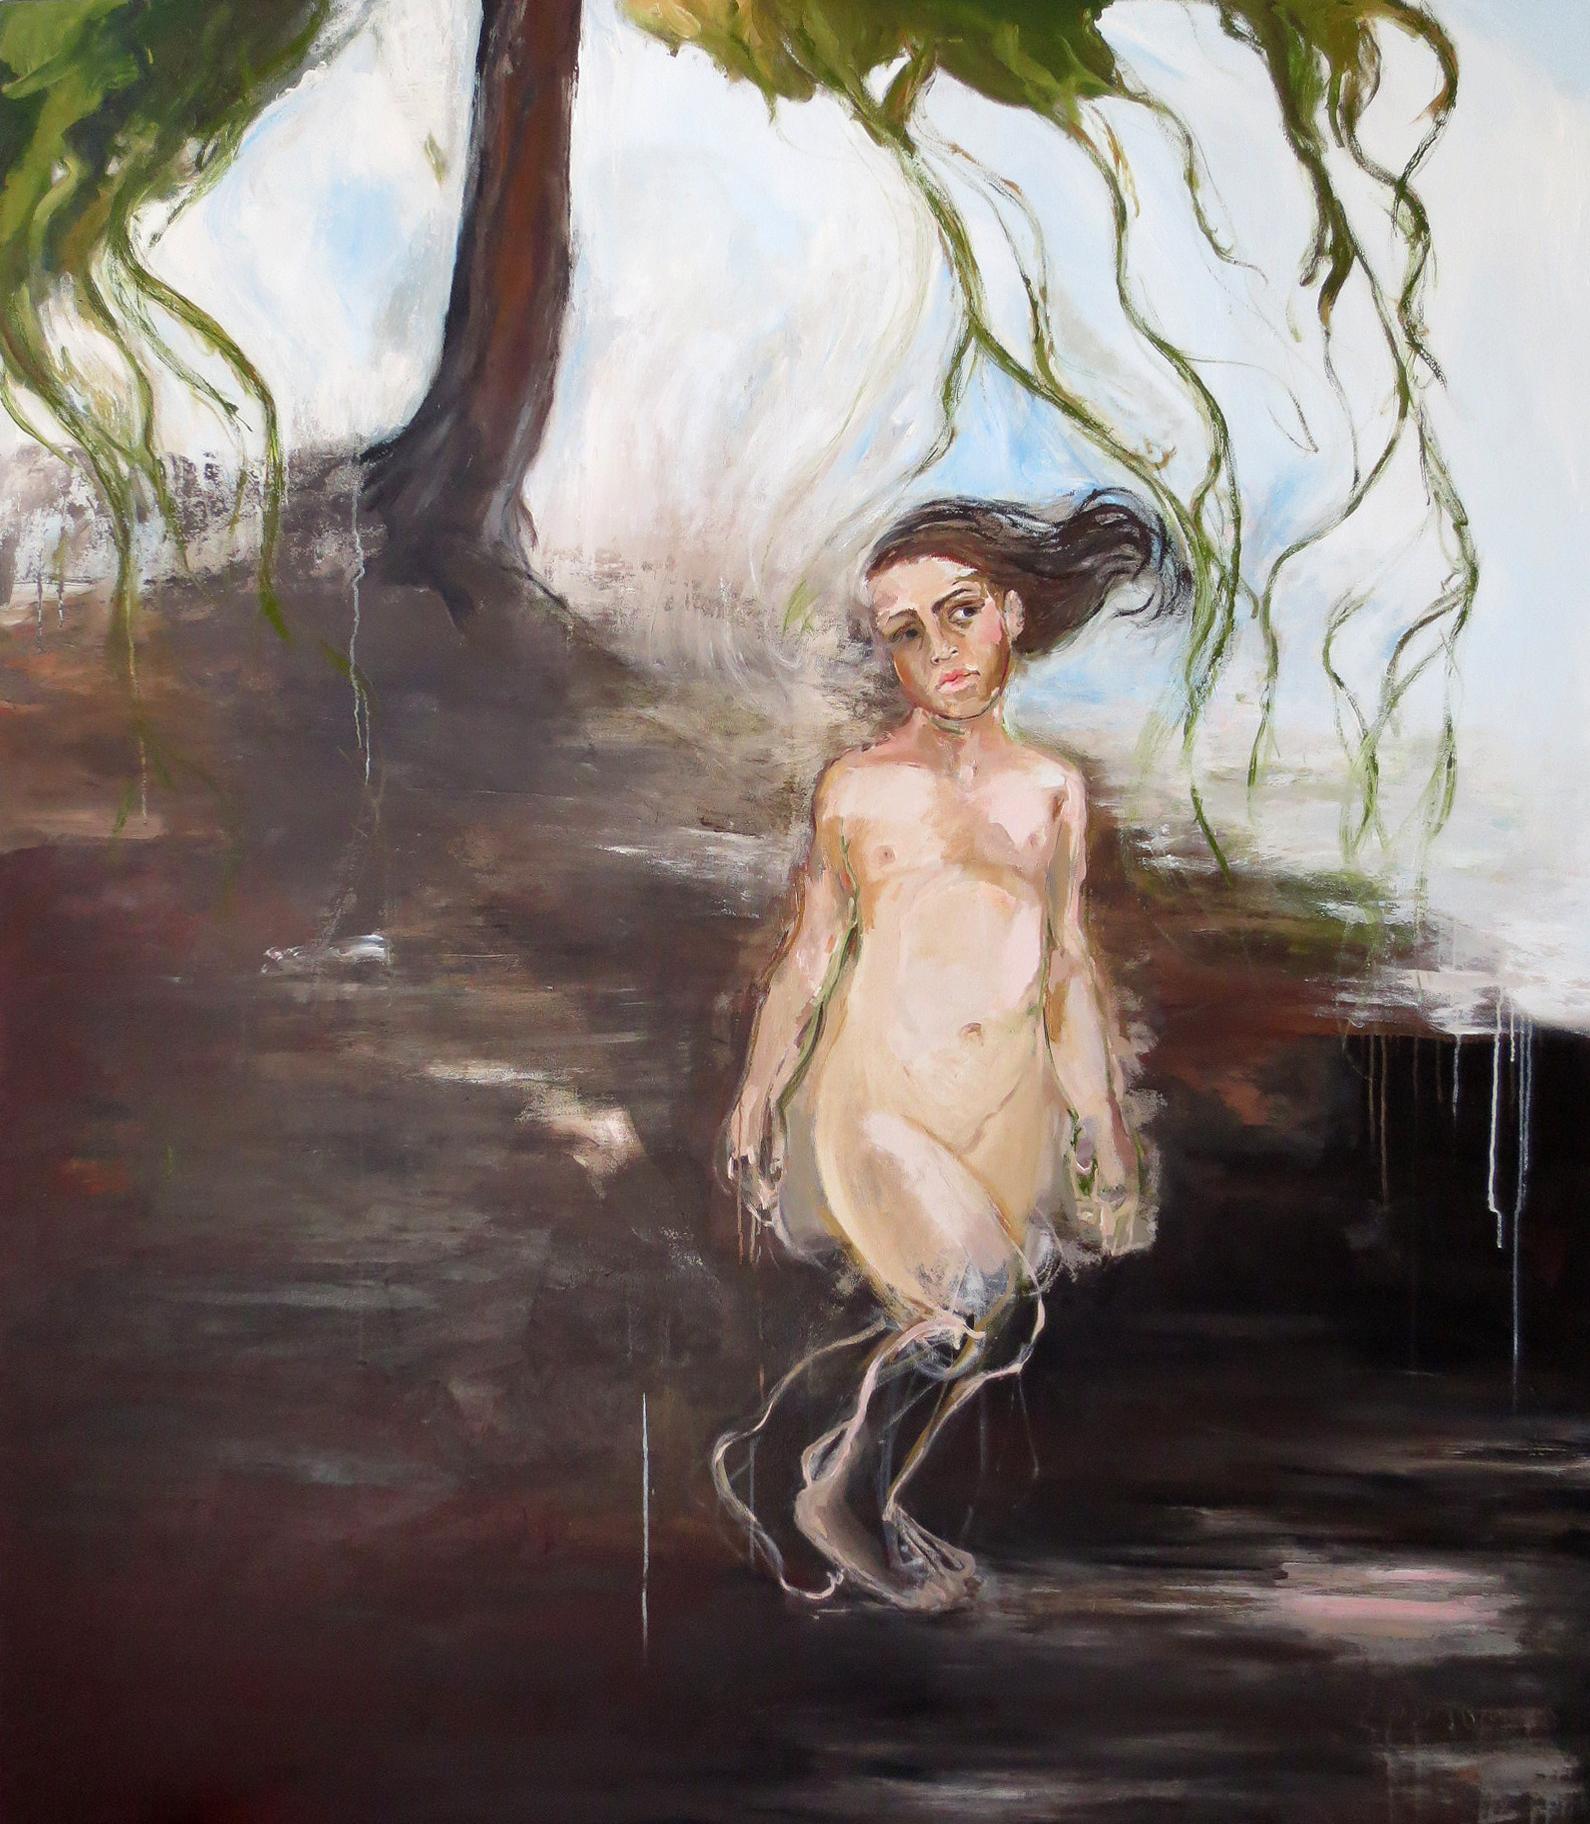 El Bosque, 2014, Oil on canvas, 76 x 67 in.